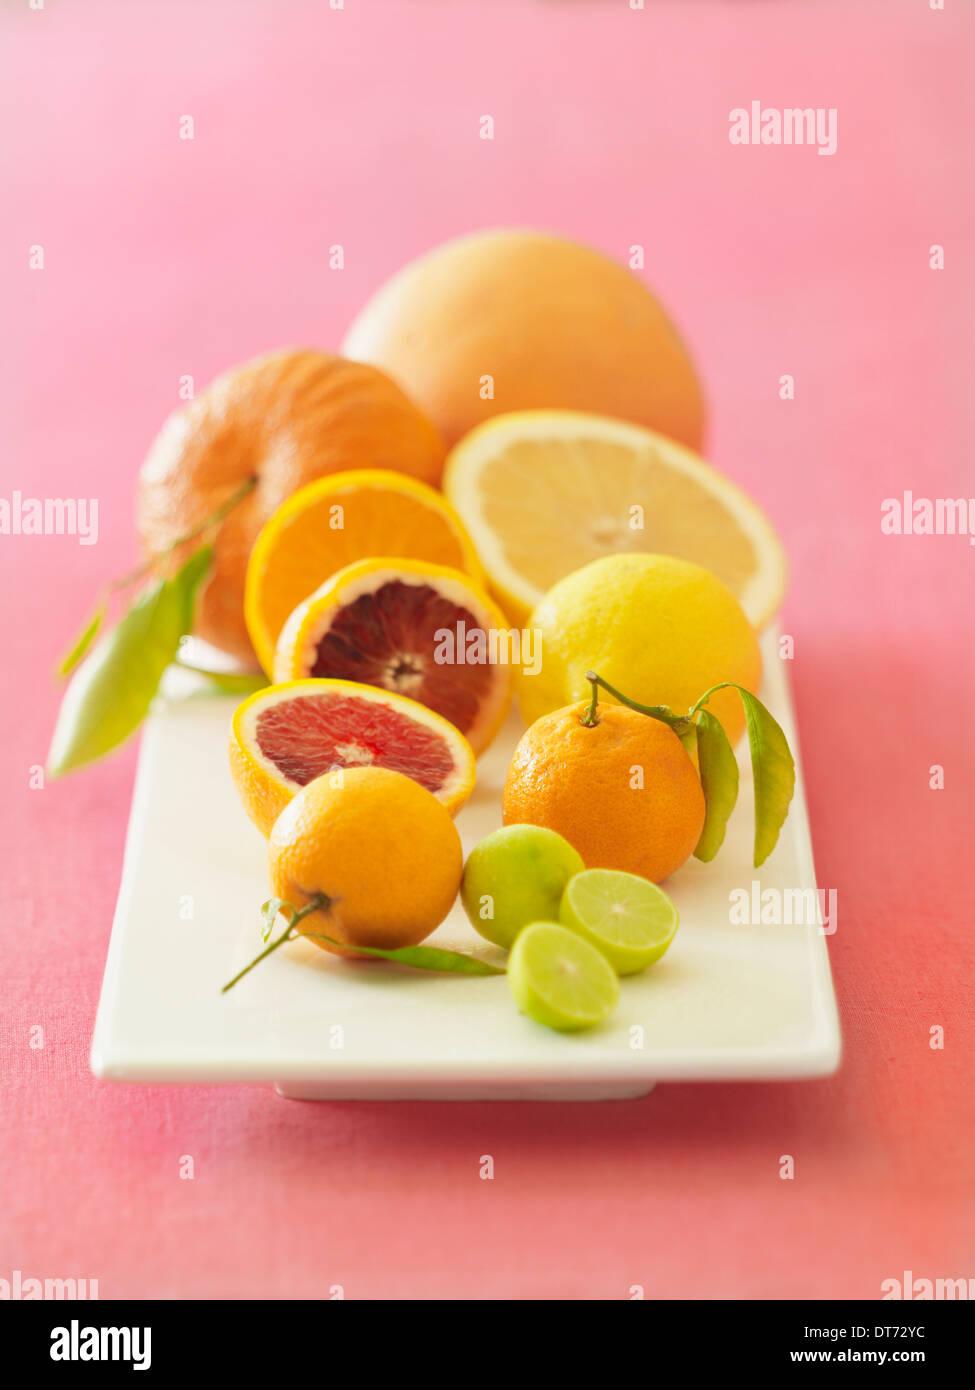 Eine weiße Platte mit Orangen, Blutorangen, Grapefruit, Zitronen und Limetten auf rosa Stoff Hintergrund. Stockbild